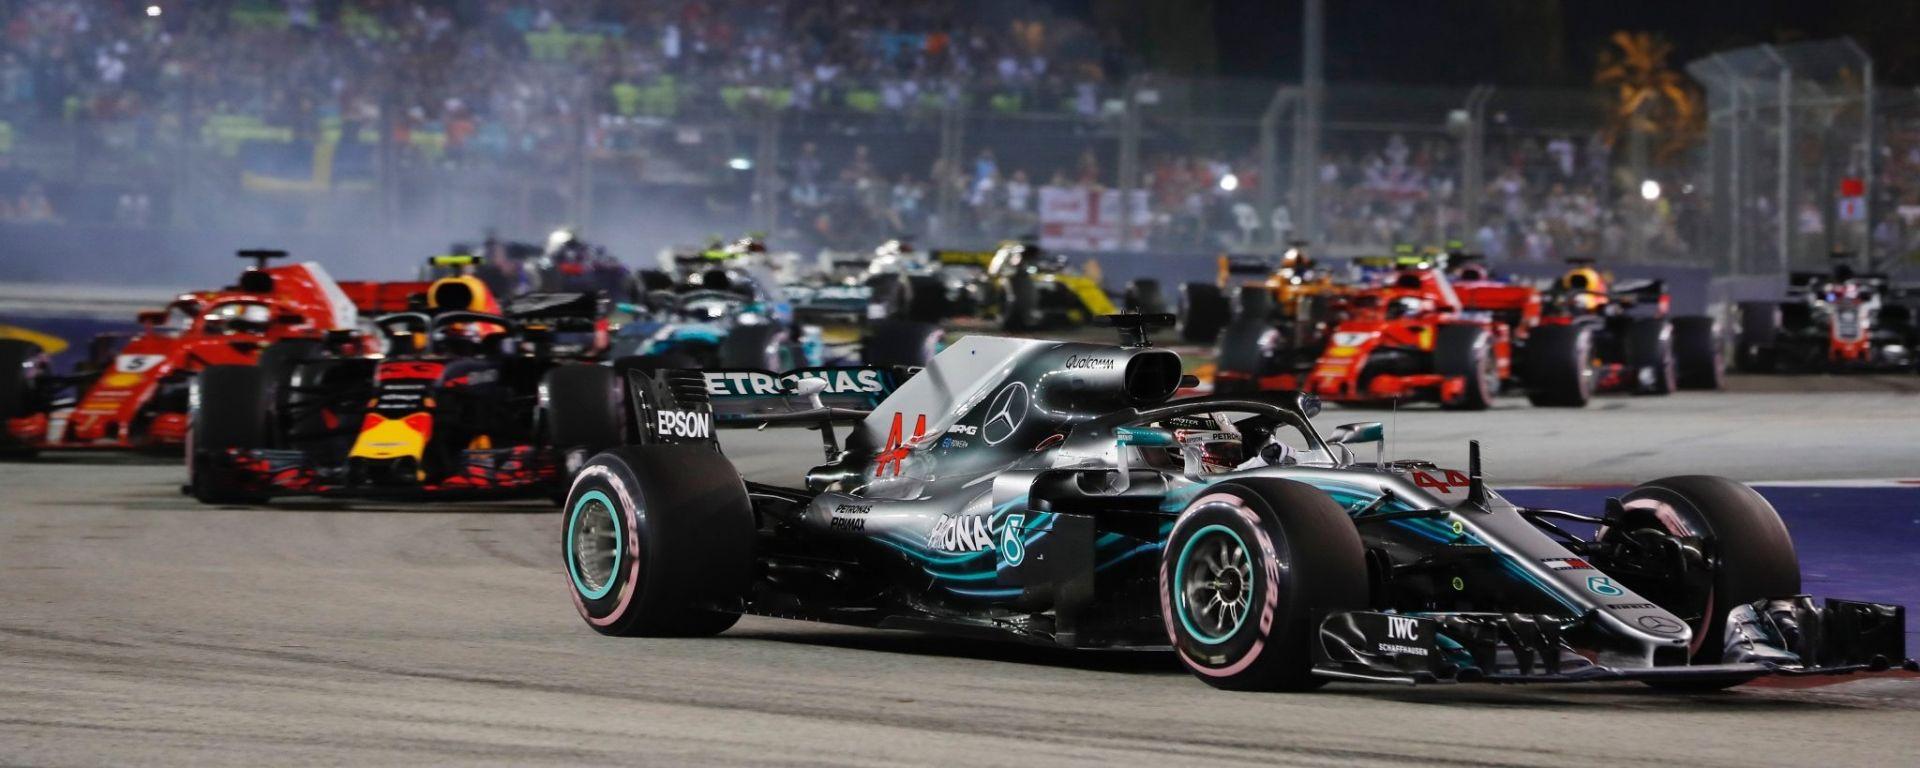 GP Singapore: Hamilton domina e prenota il quinto titolo, Vettel 3°